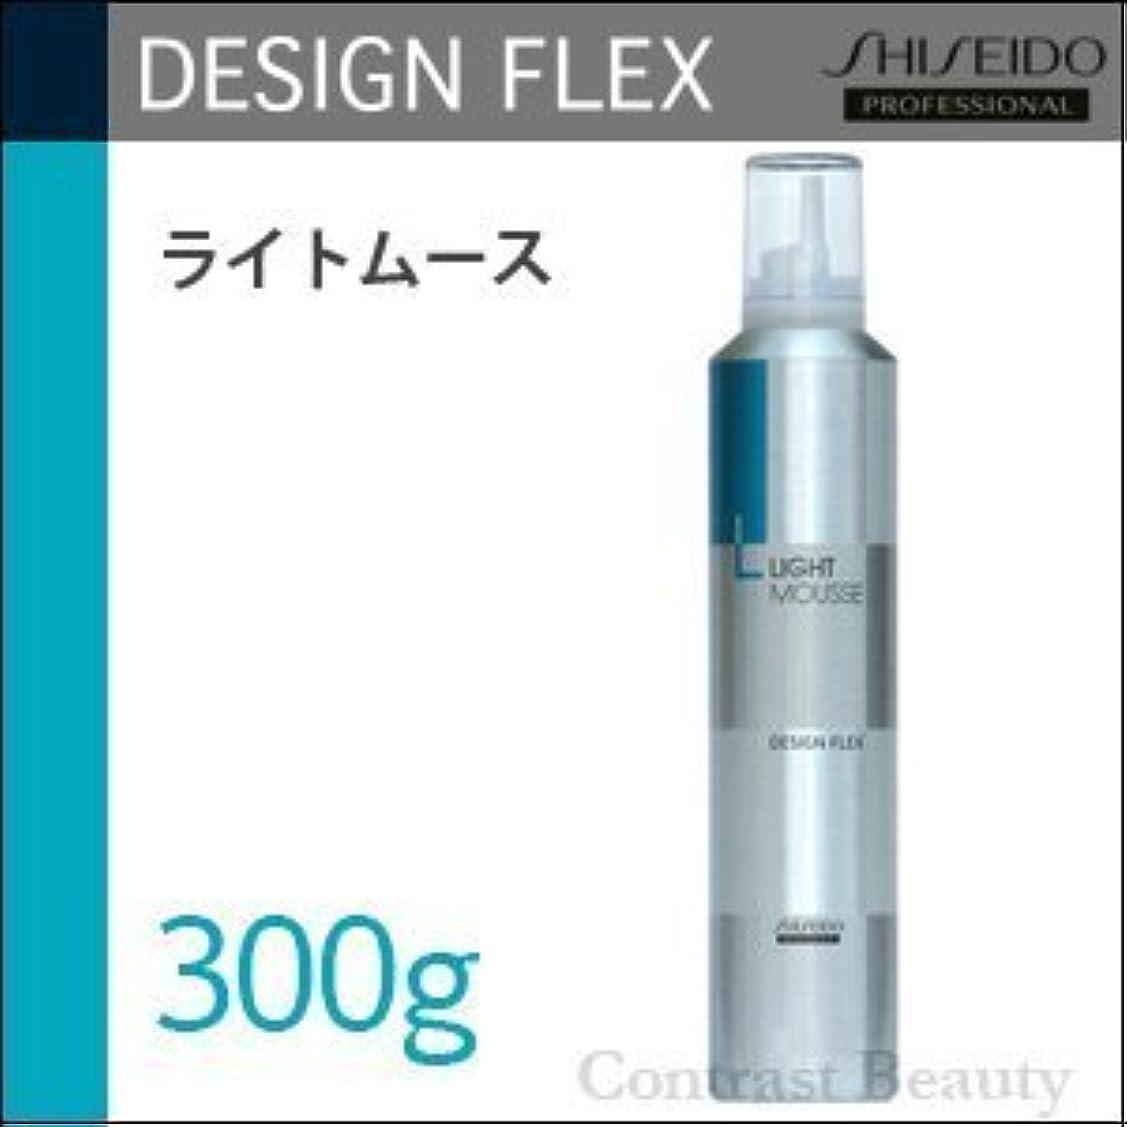 風刺まつげ大通り資生堂プロフェッショナル デザインフレックス ライトムース 300g